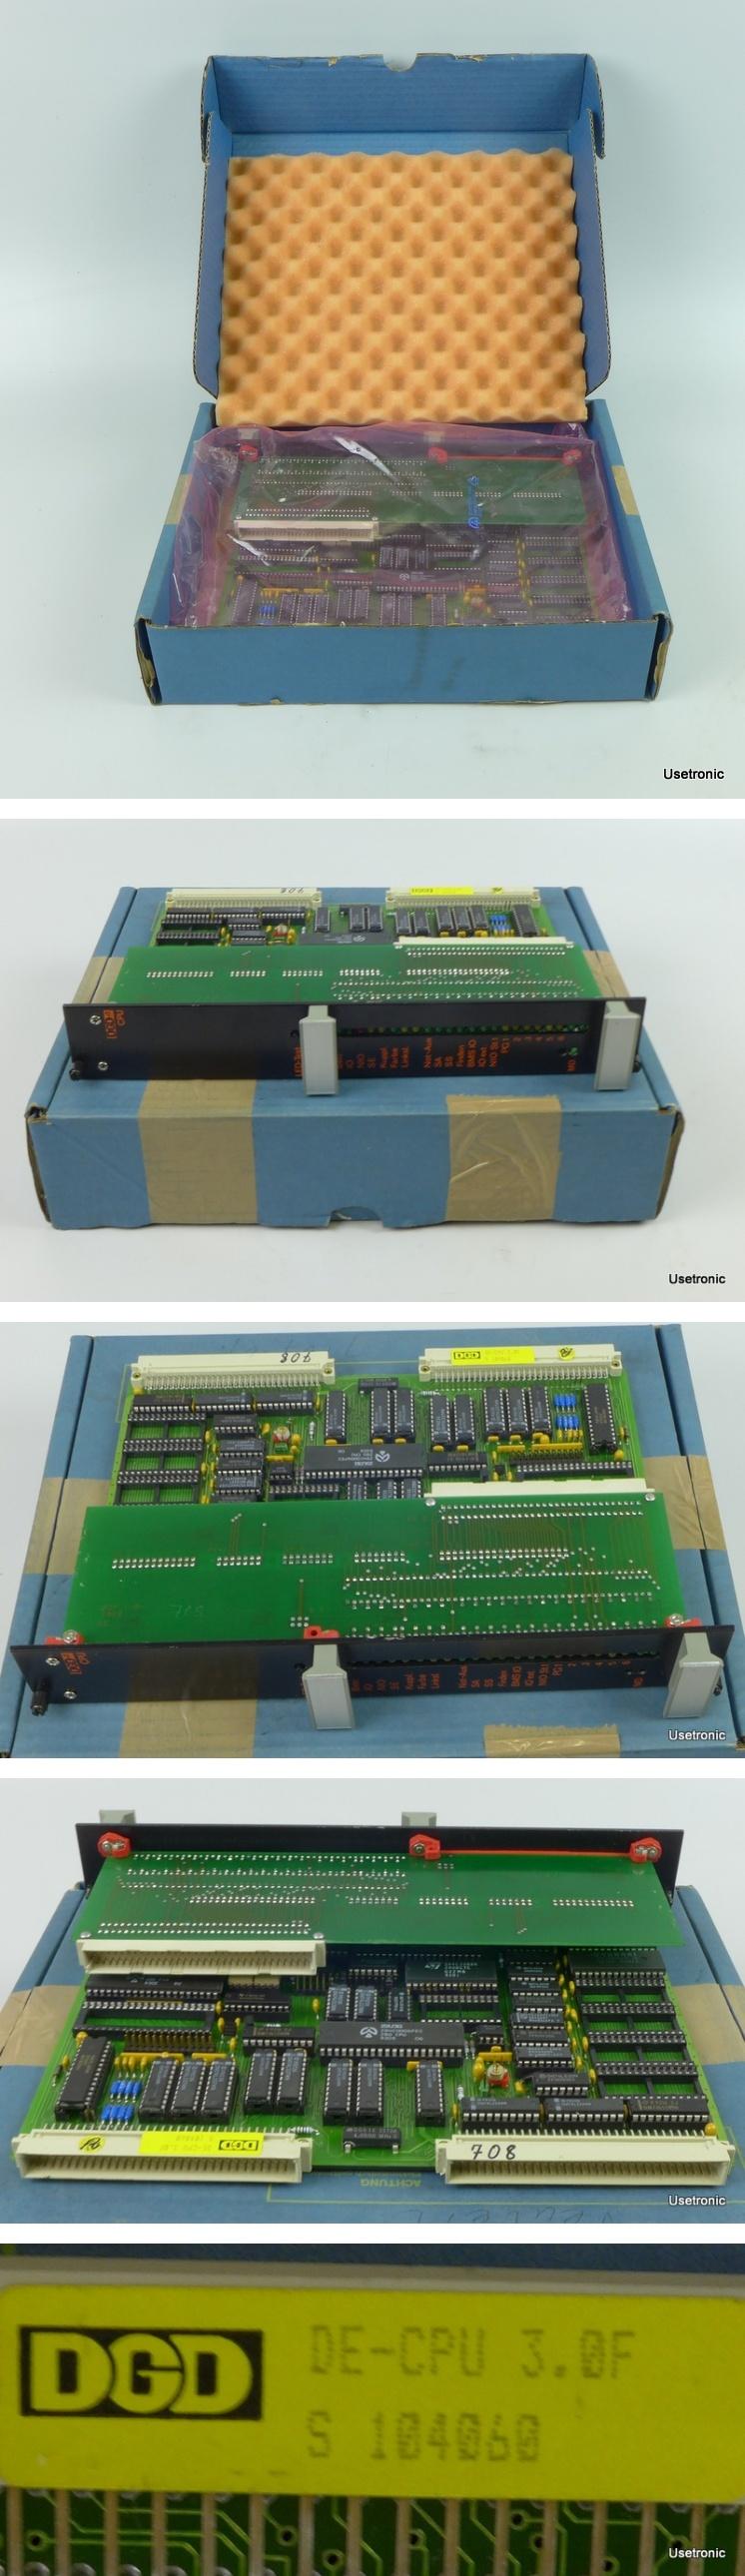 DGD DE-CPU 3.0 F S 104060